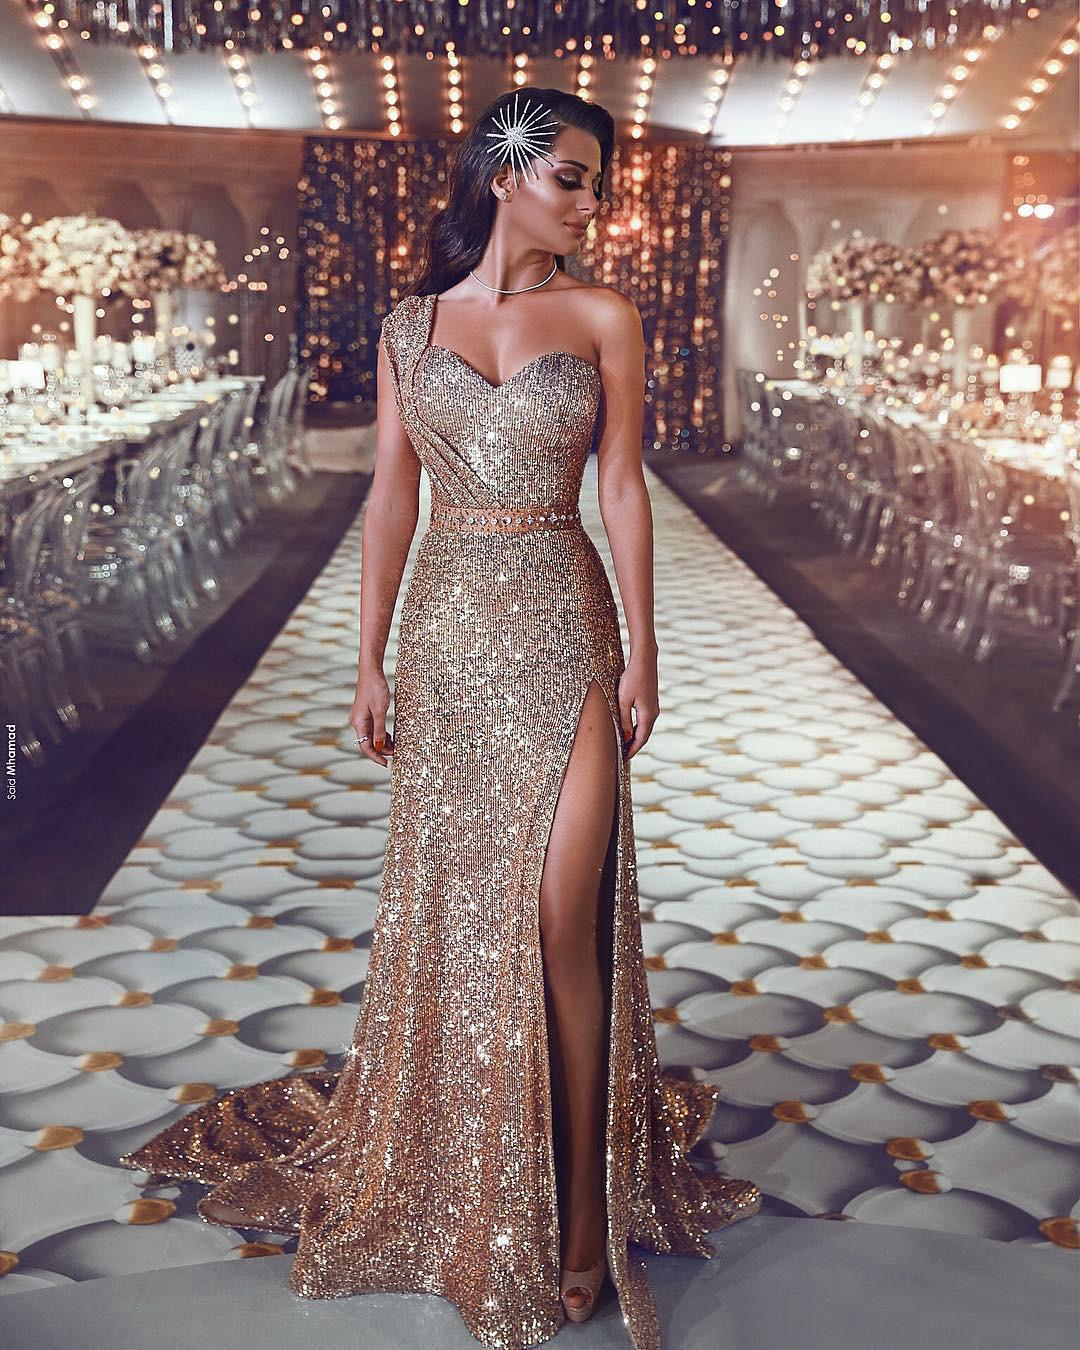 Fantastisch Luxus Abend Kleid Ärmel17 Fantastisch Luxus Abend Kleid Spezialgebiet